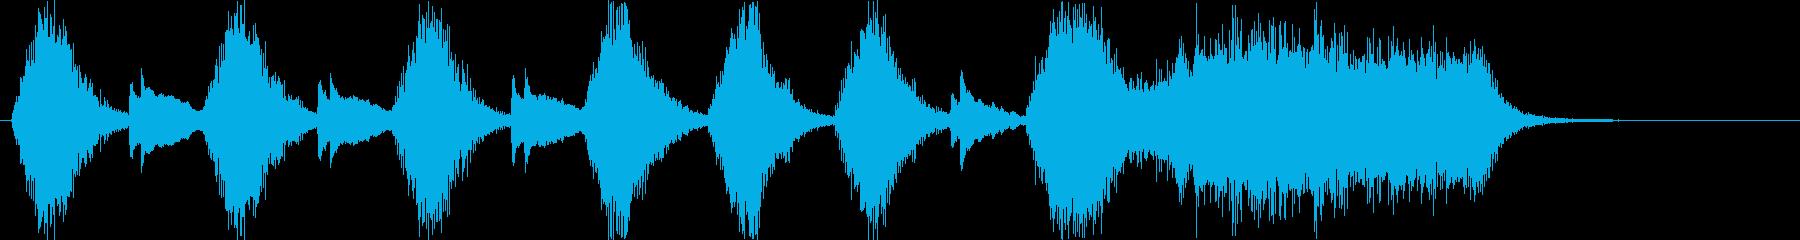 変則的な音階の弾みのあるピアノ音の再生済みの波形